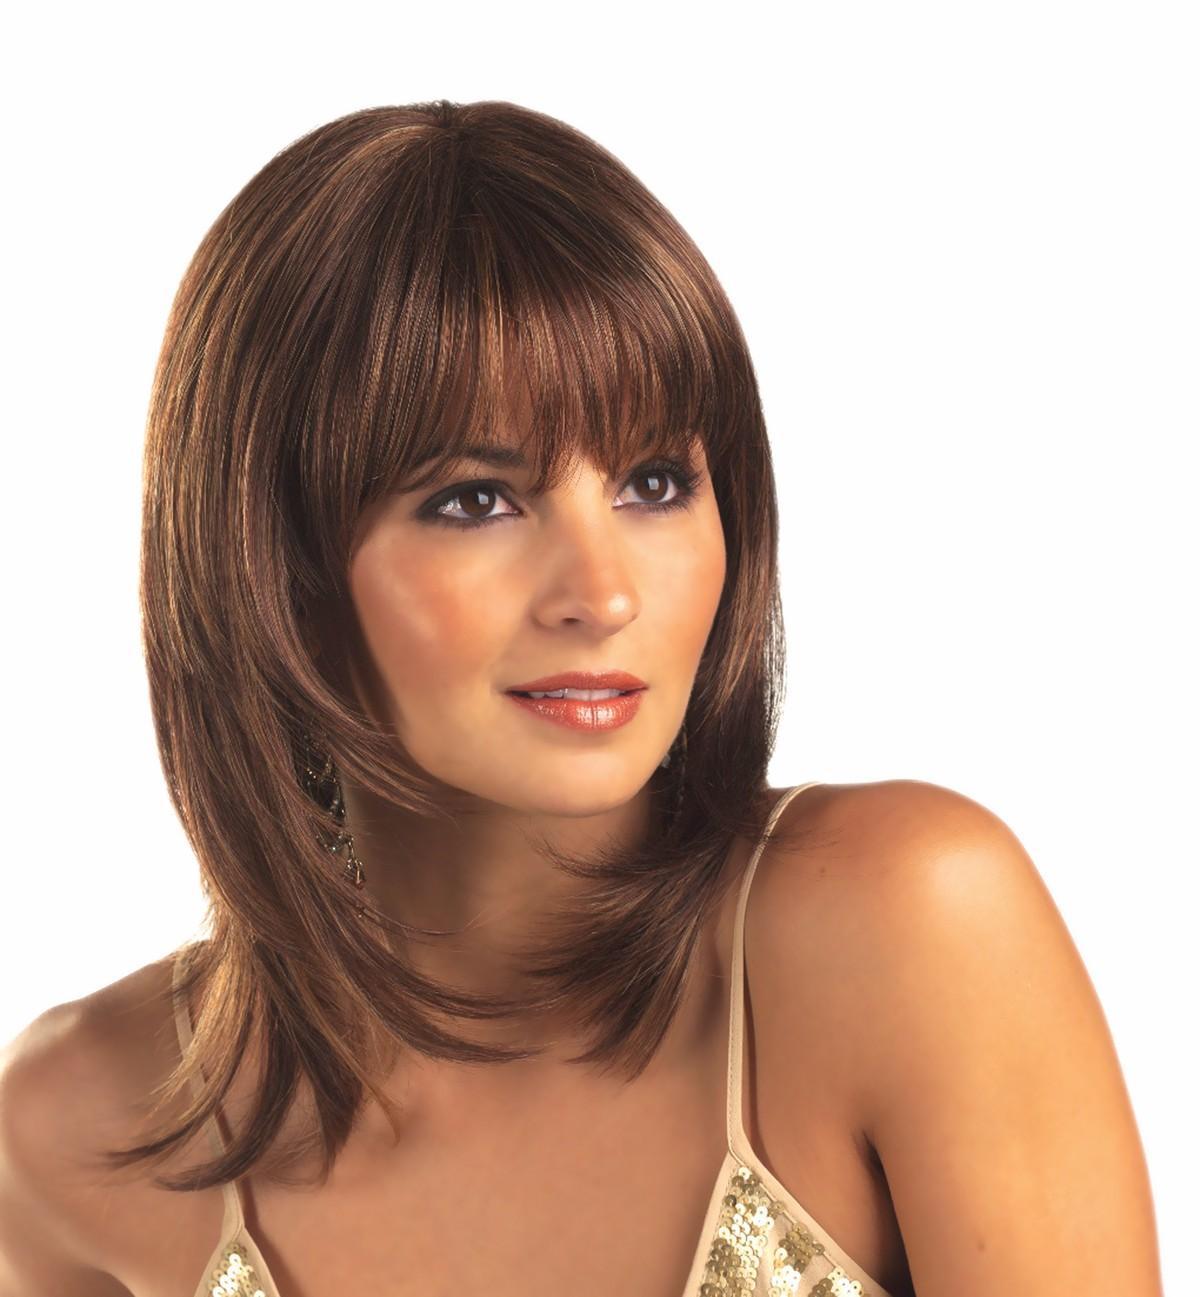 Виды стрижек женских на средние волосы с челкой